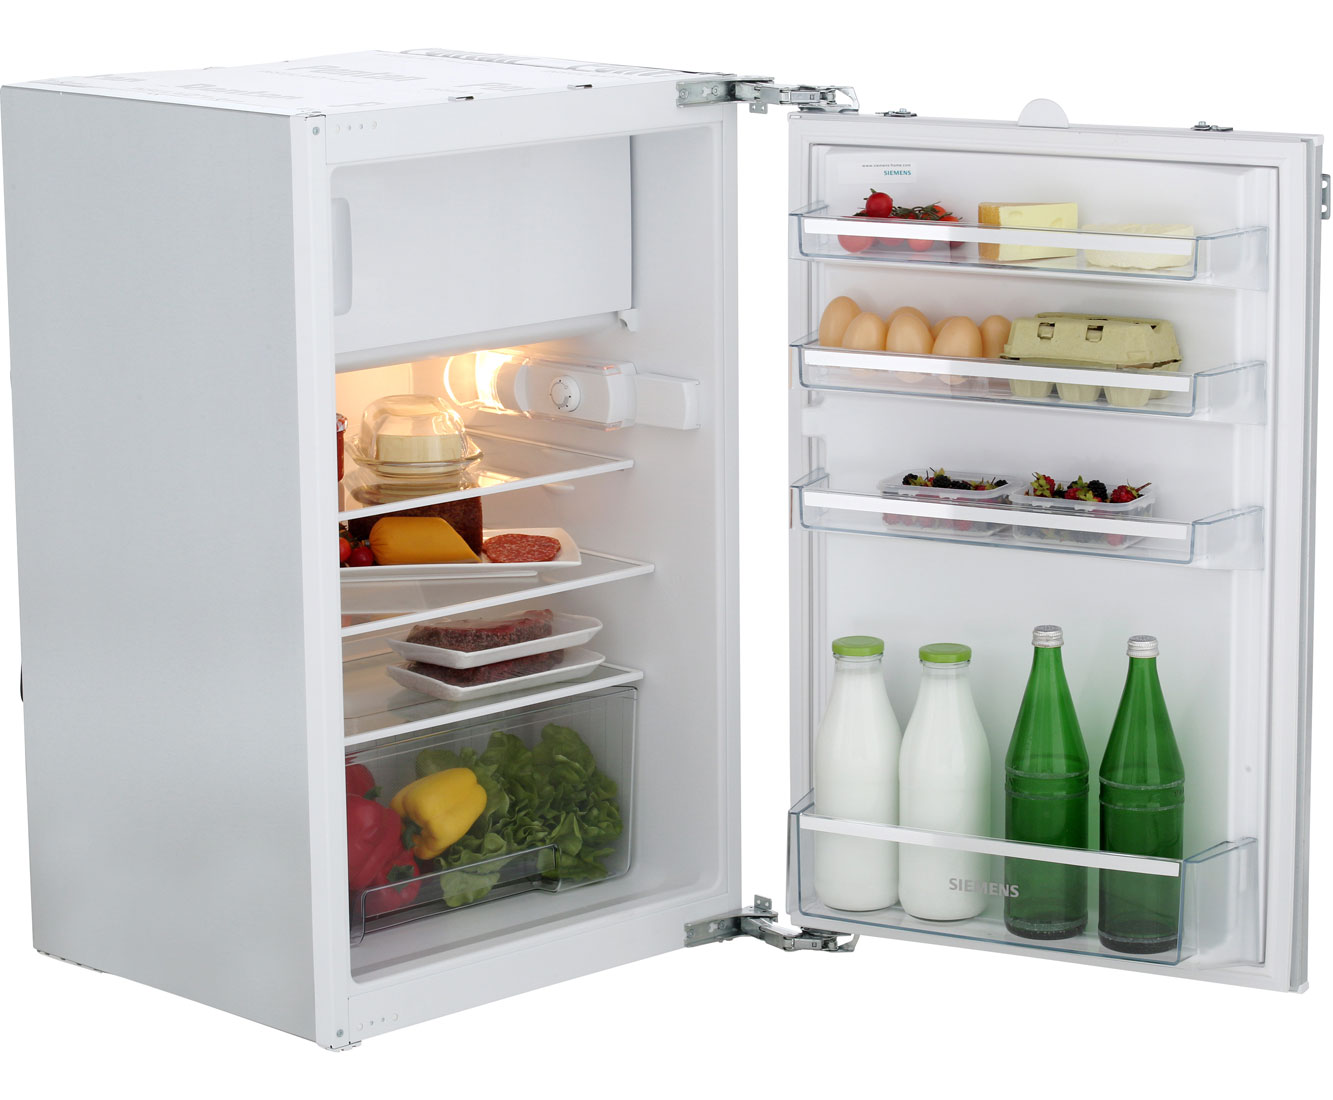 Siemens Kühlschrank : Siemens iq100 ki18lv51 einbau kühlschrank mit gefrierfach 88er